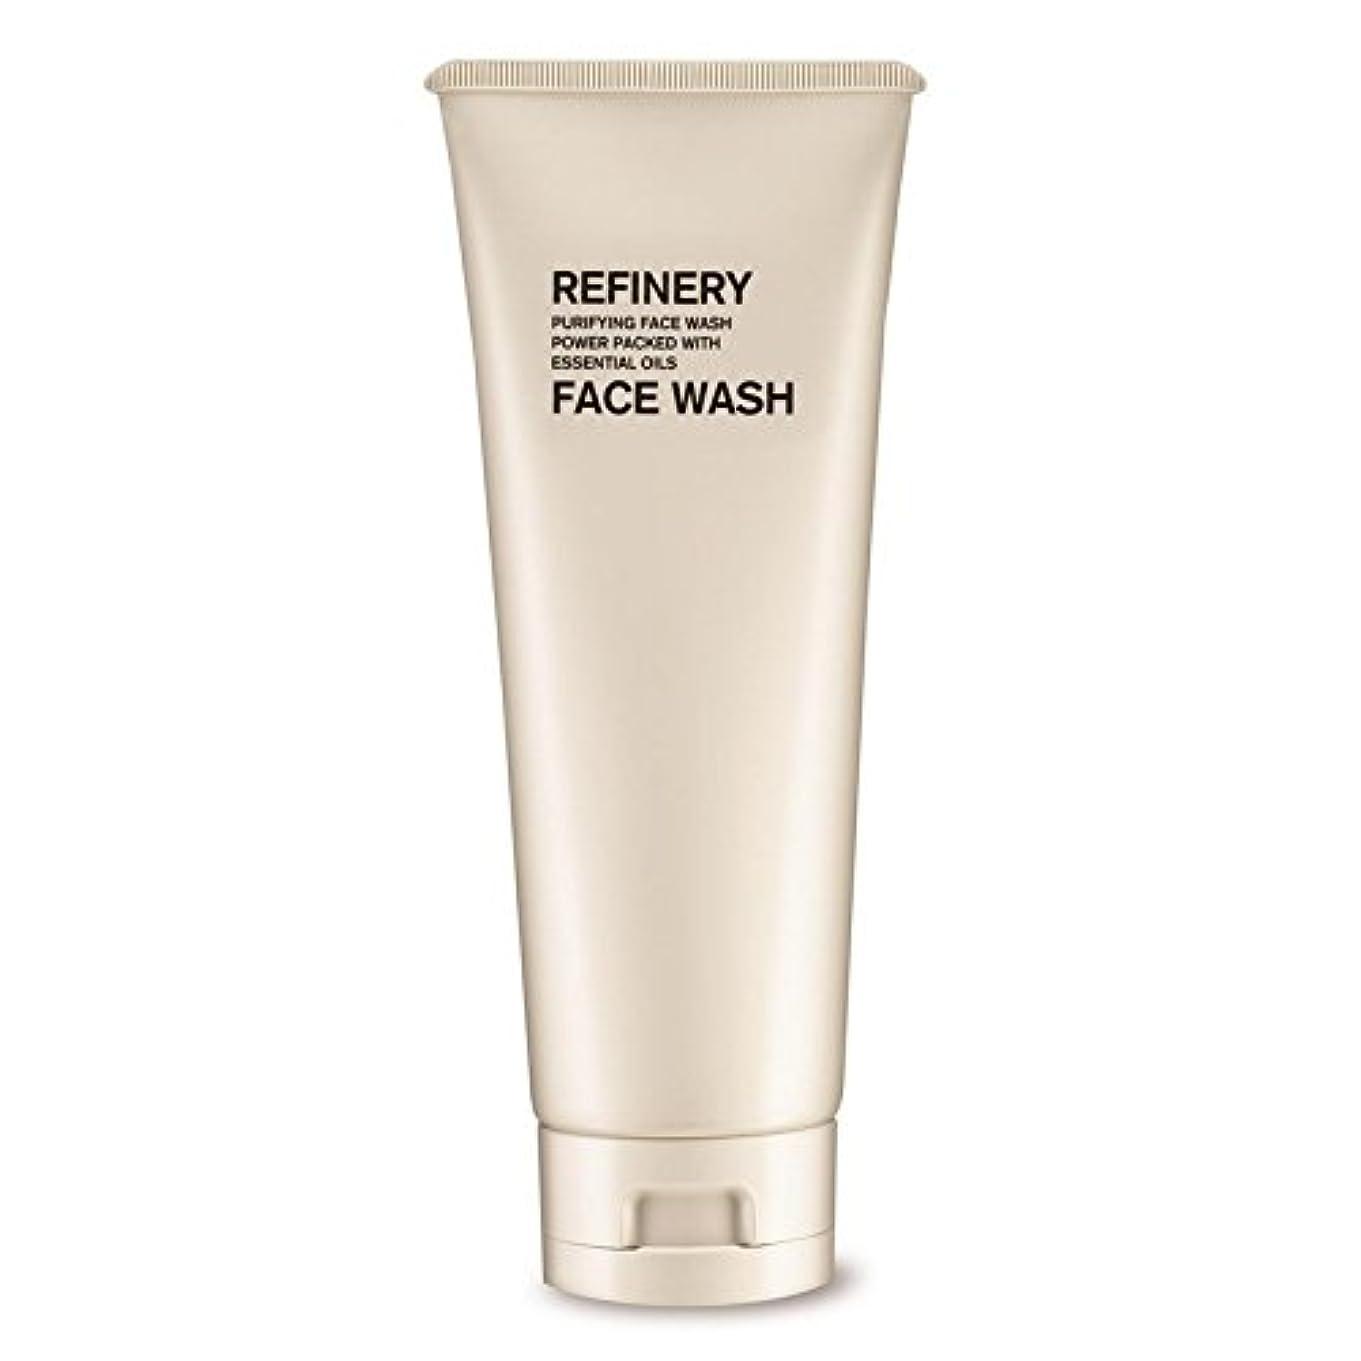 残る観客赤道製油所洗顔の100ミリリットル x2 - The Refinery Face Wash 100ml (Pack of 2) [並行輸入品]